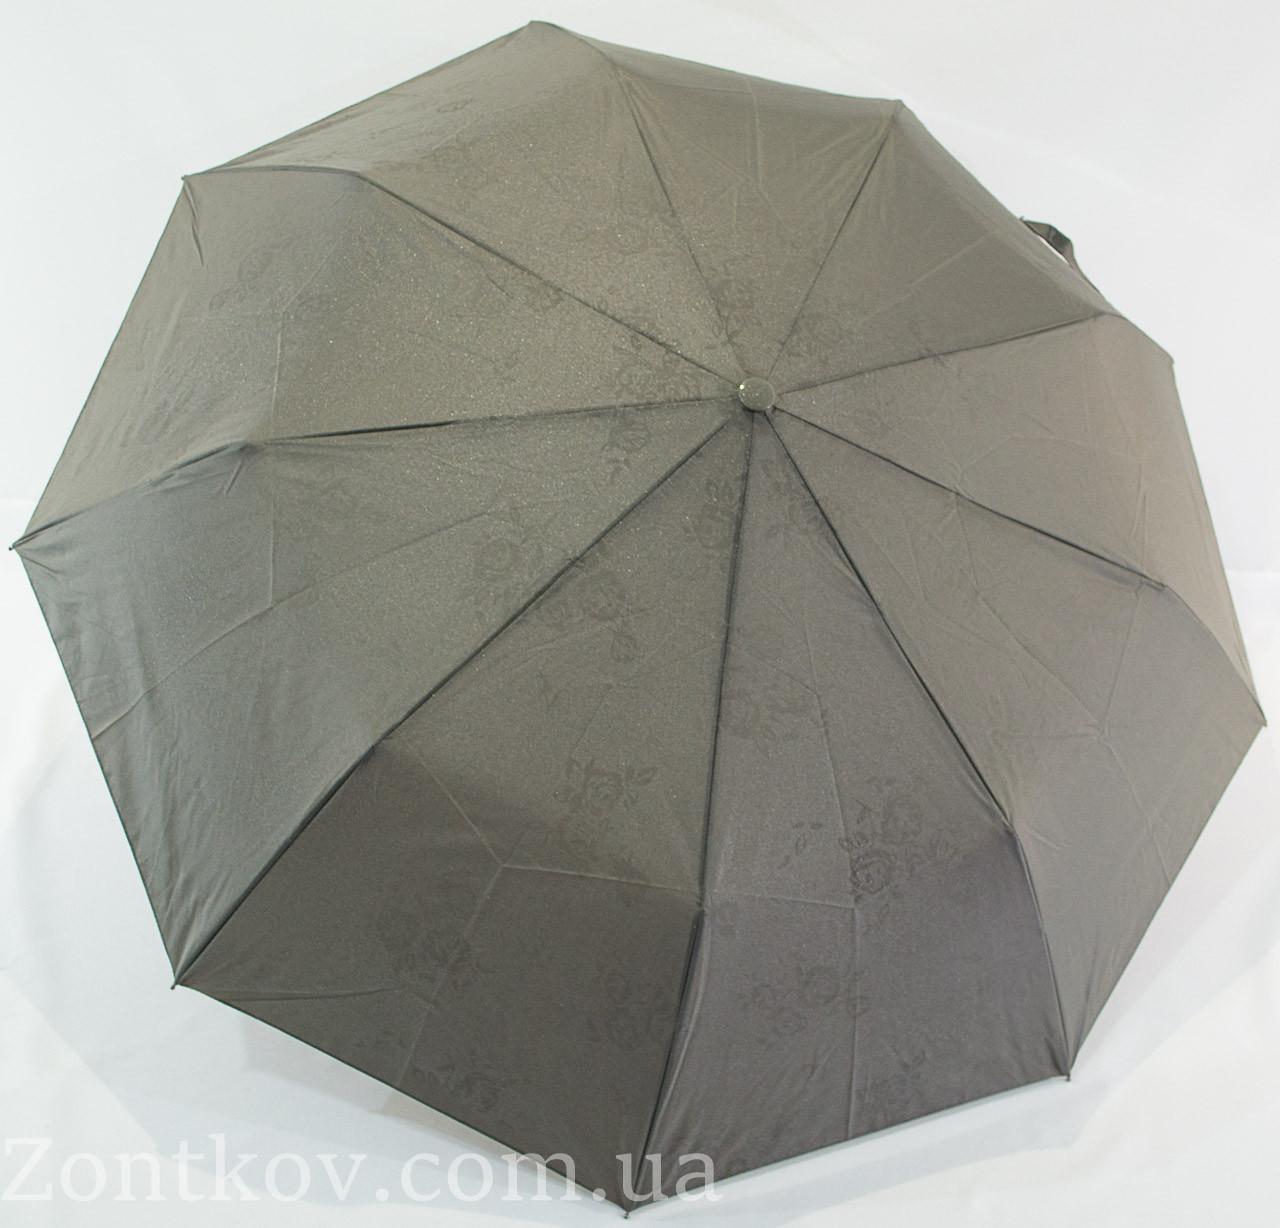 """Женский зонт с волшебной проявкой на 9 спиц от фирмы """"Monsoon"""""""